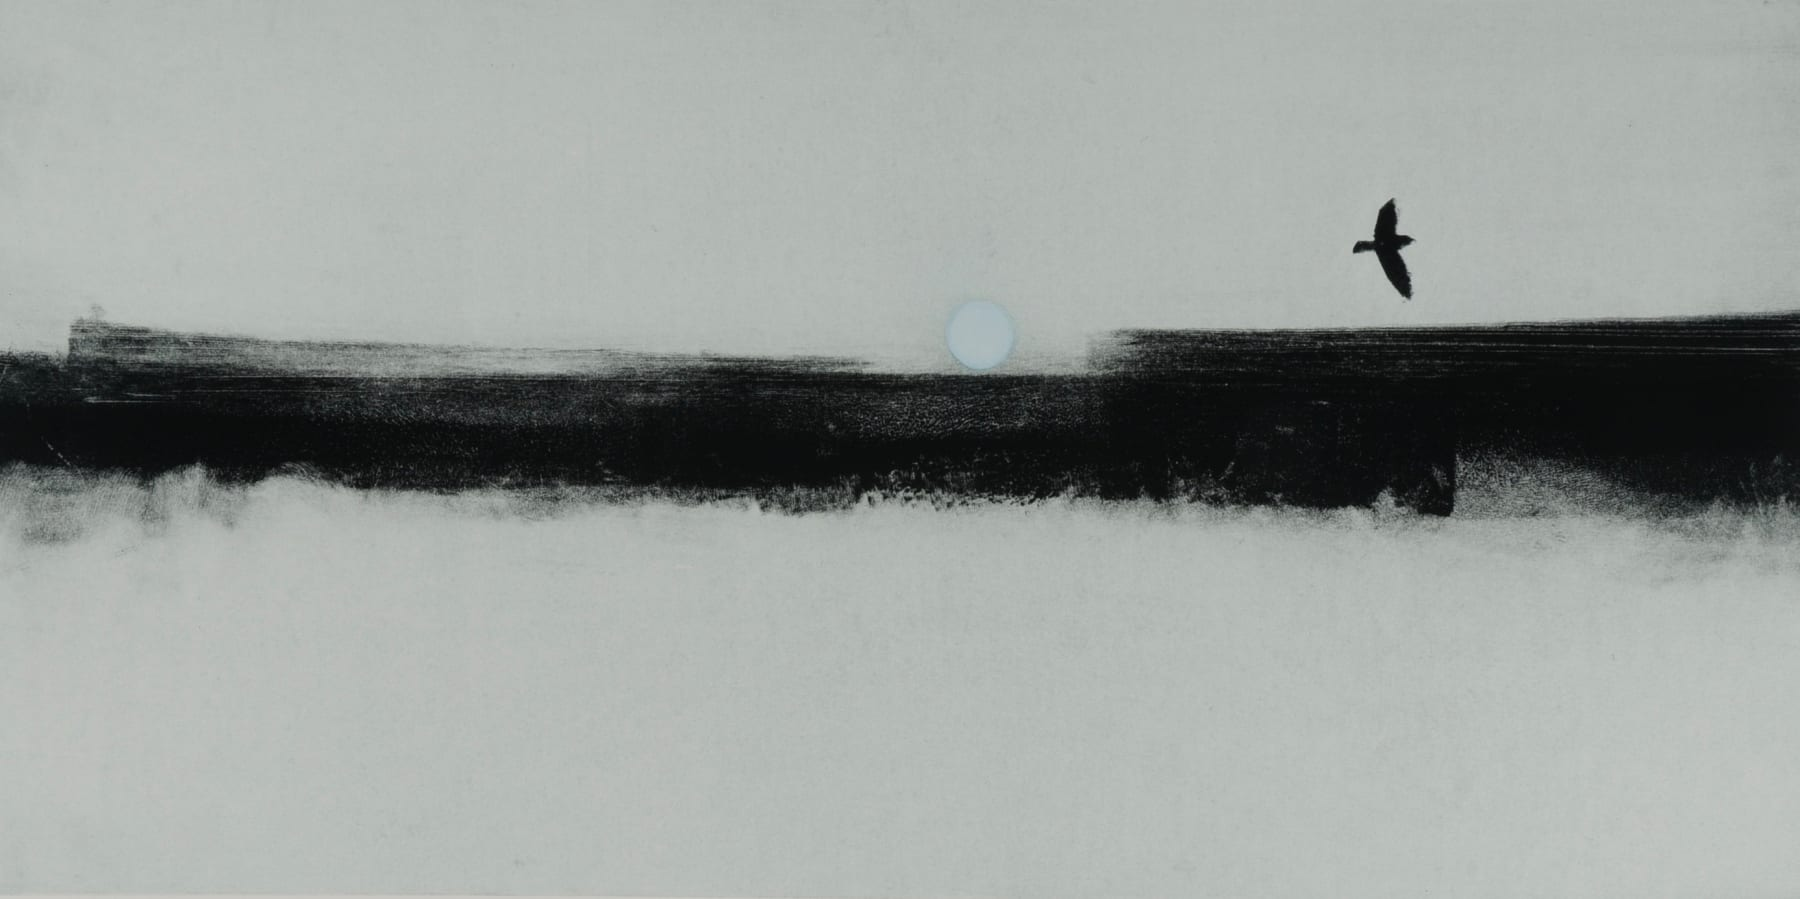 Nigel Swift, Winter Moon, 2020